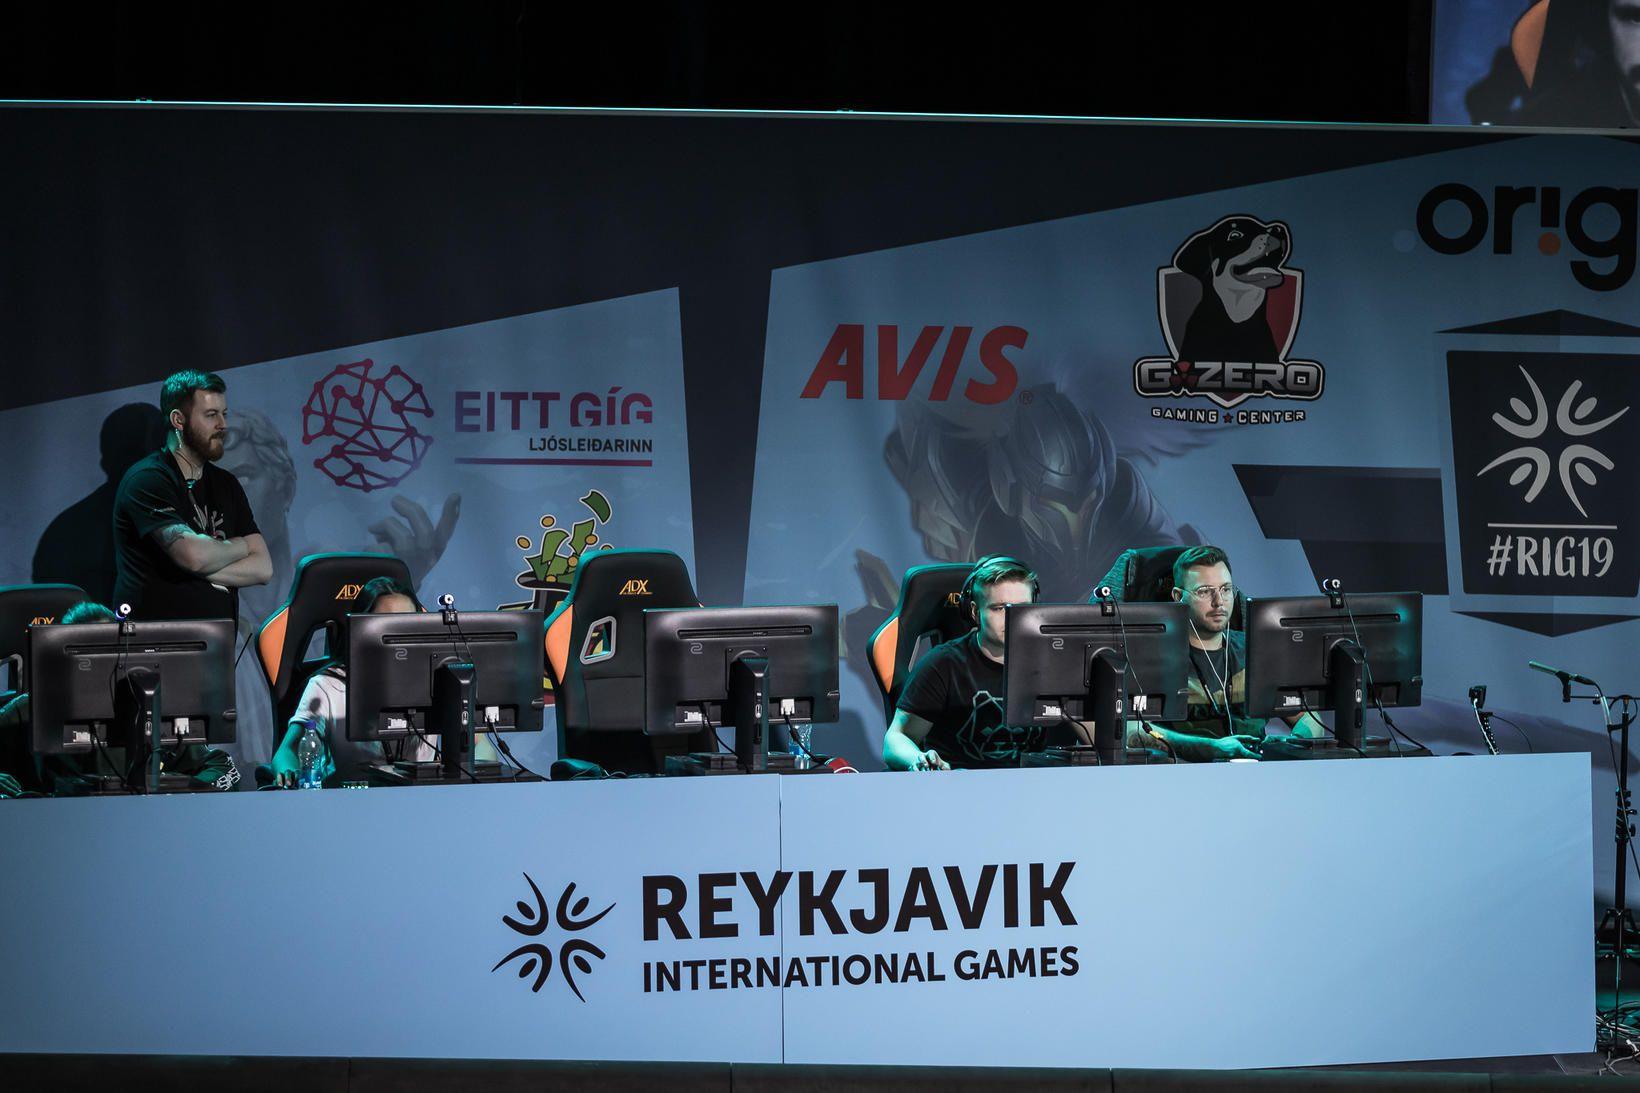 Rafíþróttir voru í fyrsta sinn keppnisgrein á Reykjavíkurleikunum 2019. Í …